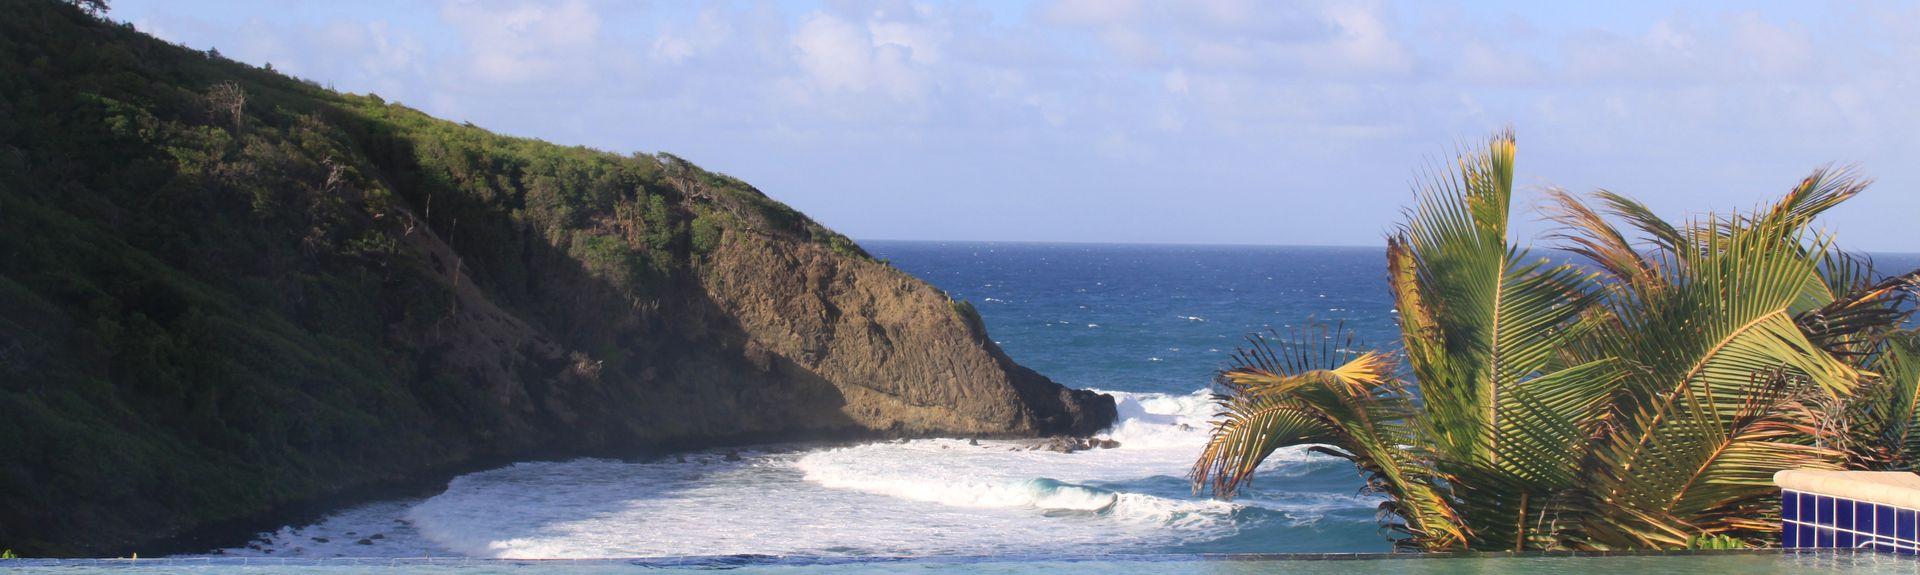 Cas En Bas, Saint Lucia